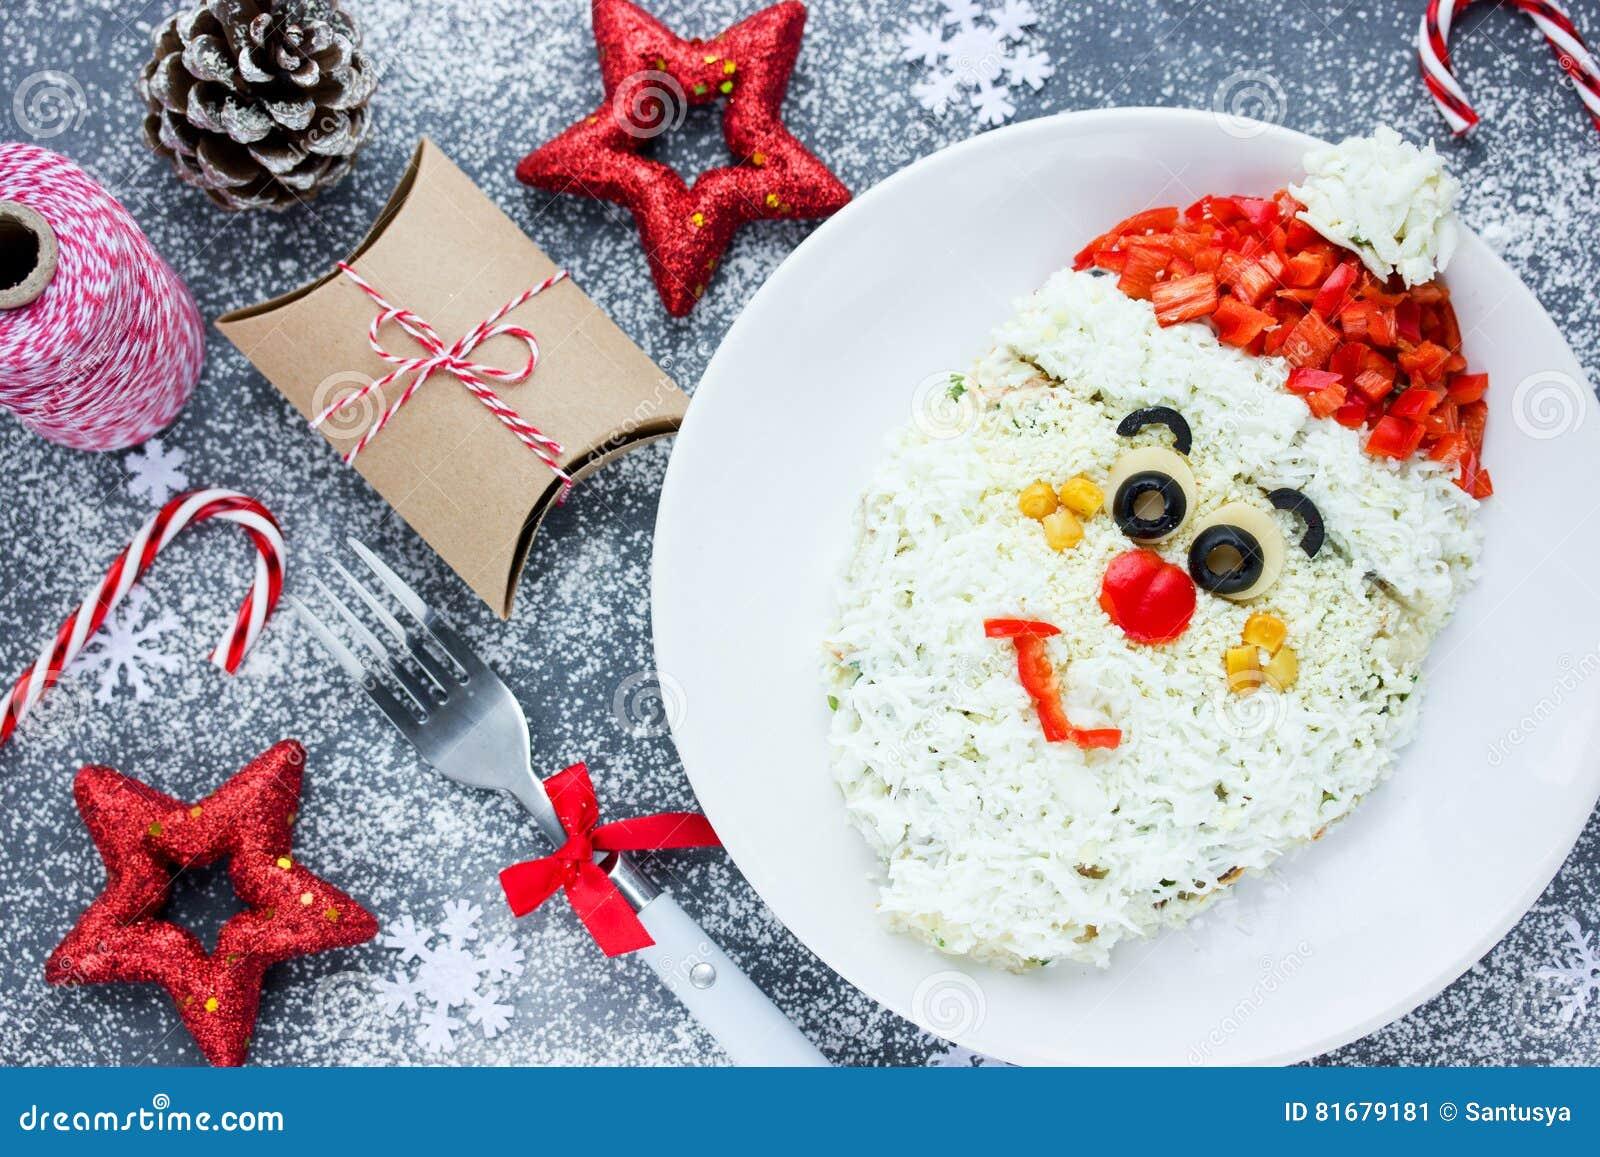 Salat Weihnachten.Weihnachten Santa Claus Stellen Salat Für Feiertagsabendessen